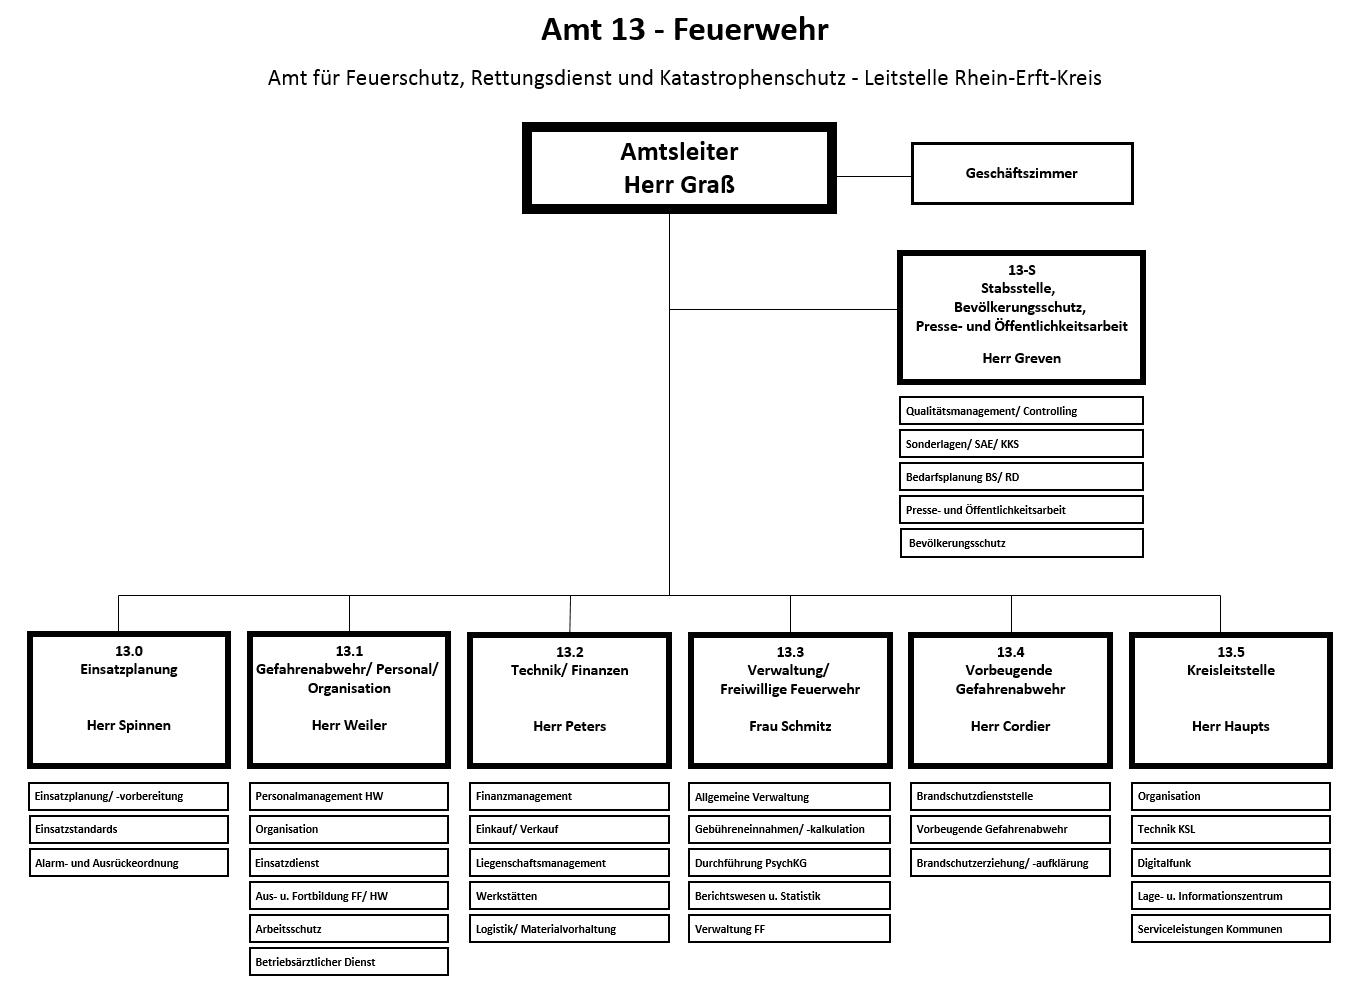 Organigramm Amt 13